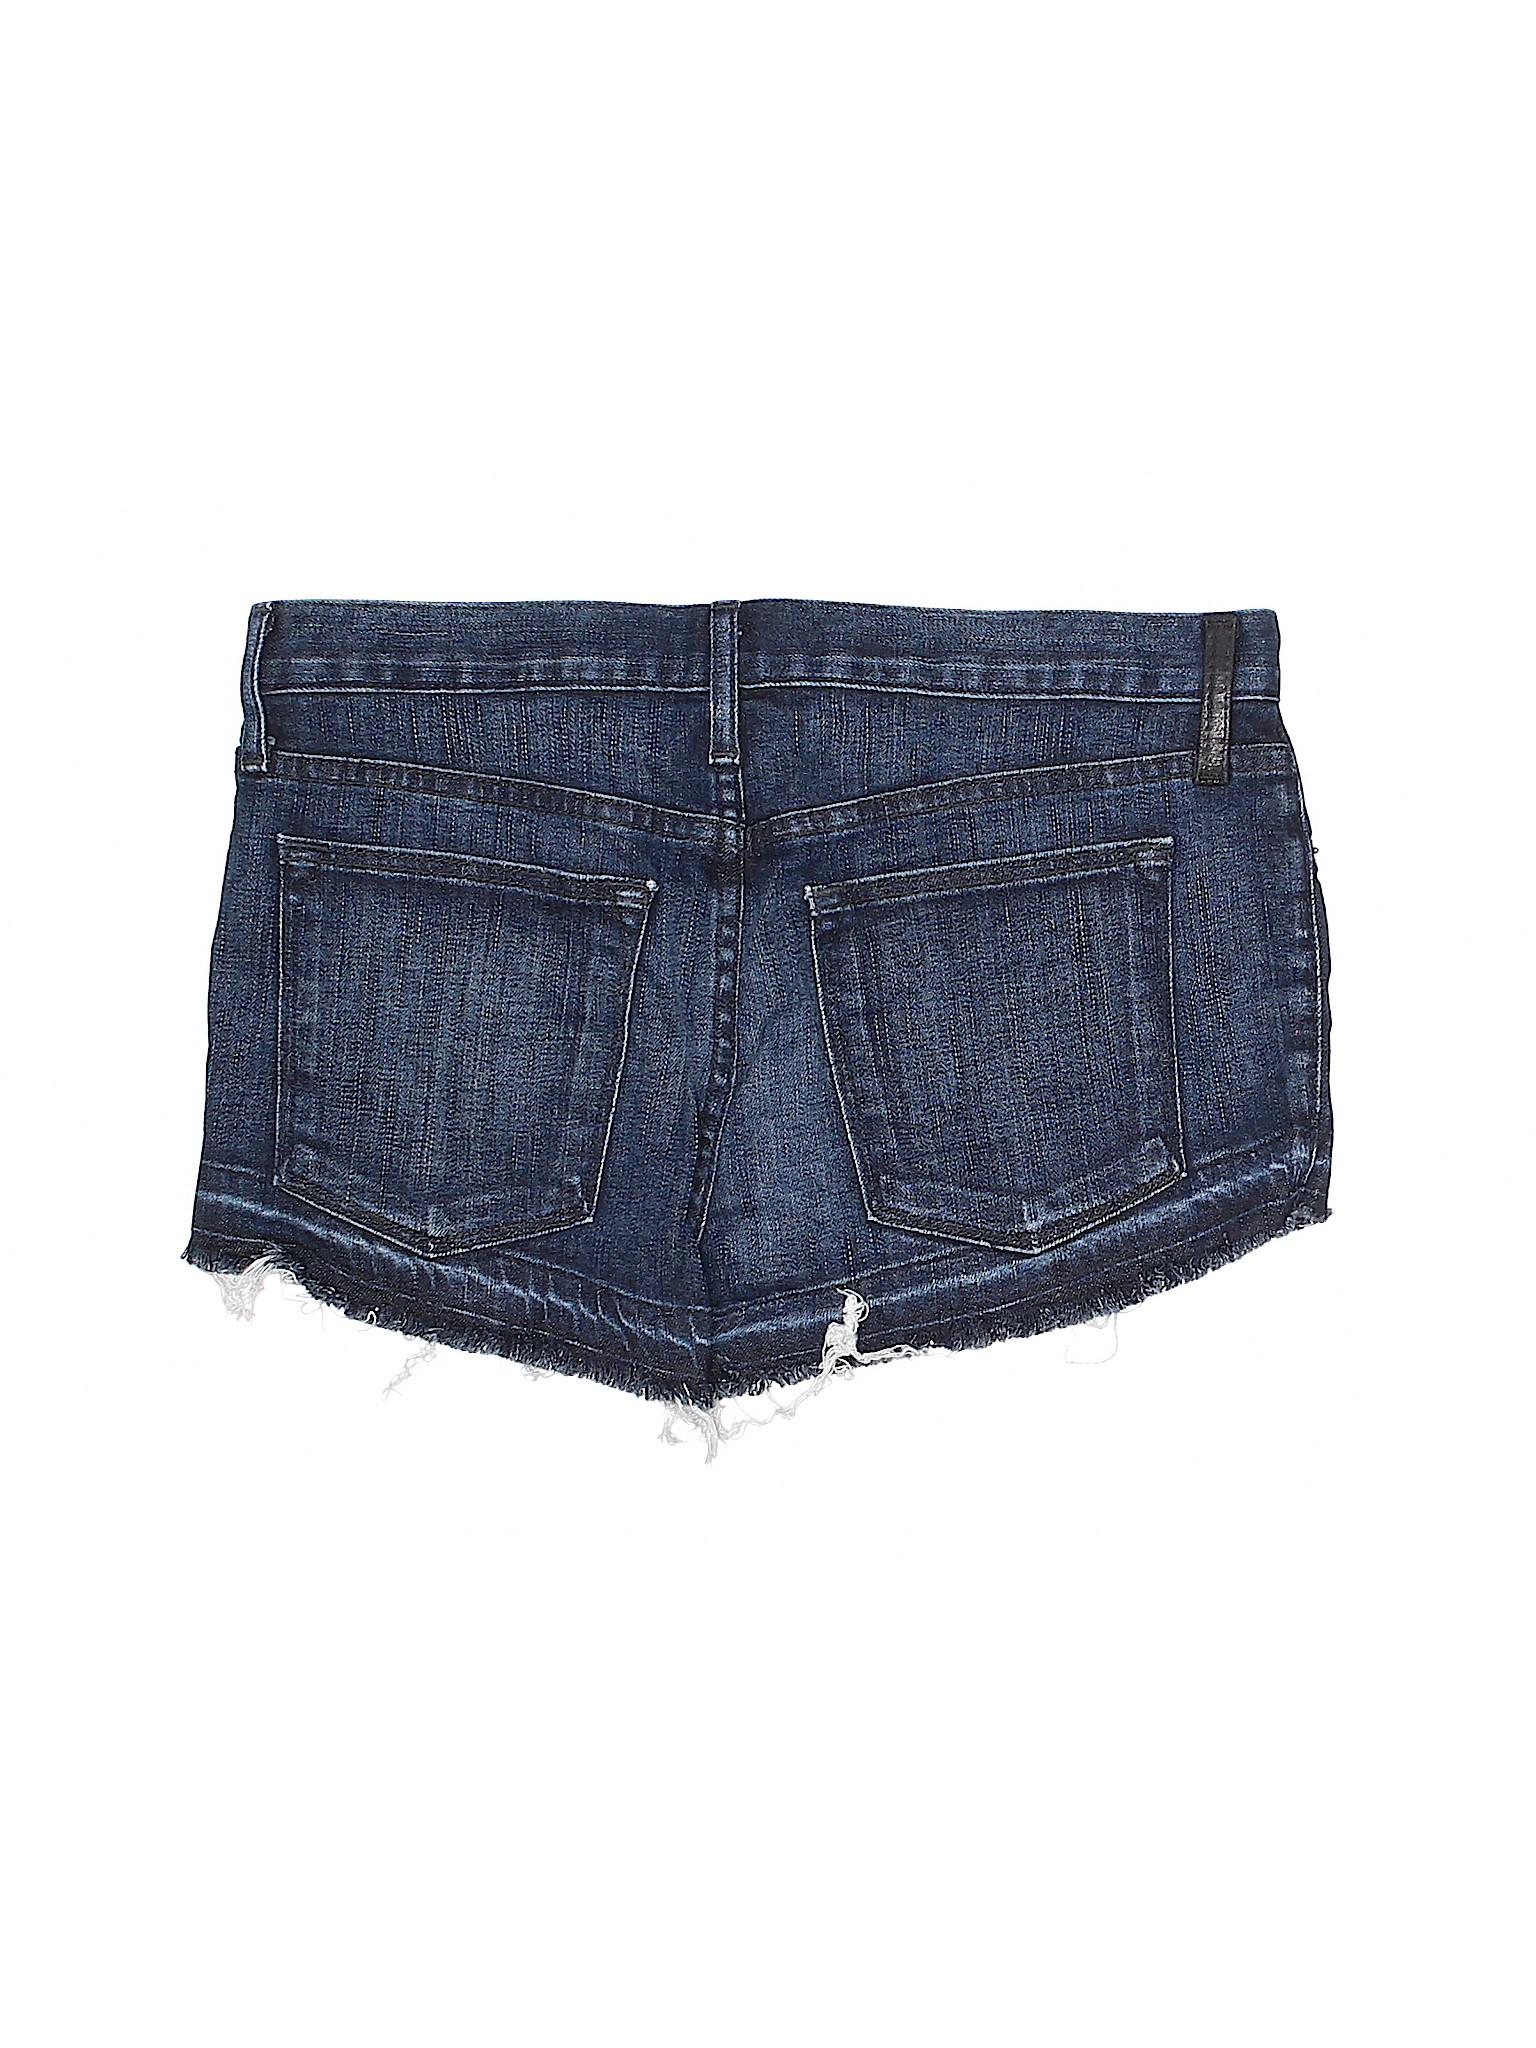 Shorts Helmut Lang Boutique Denim Boutique Helmut wUBXx8qa